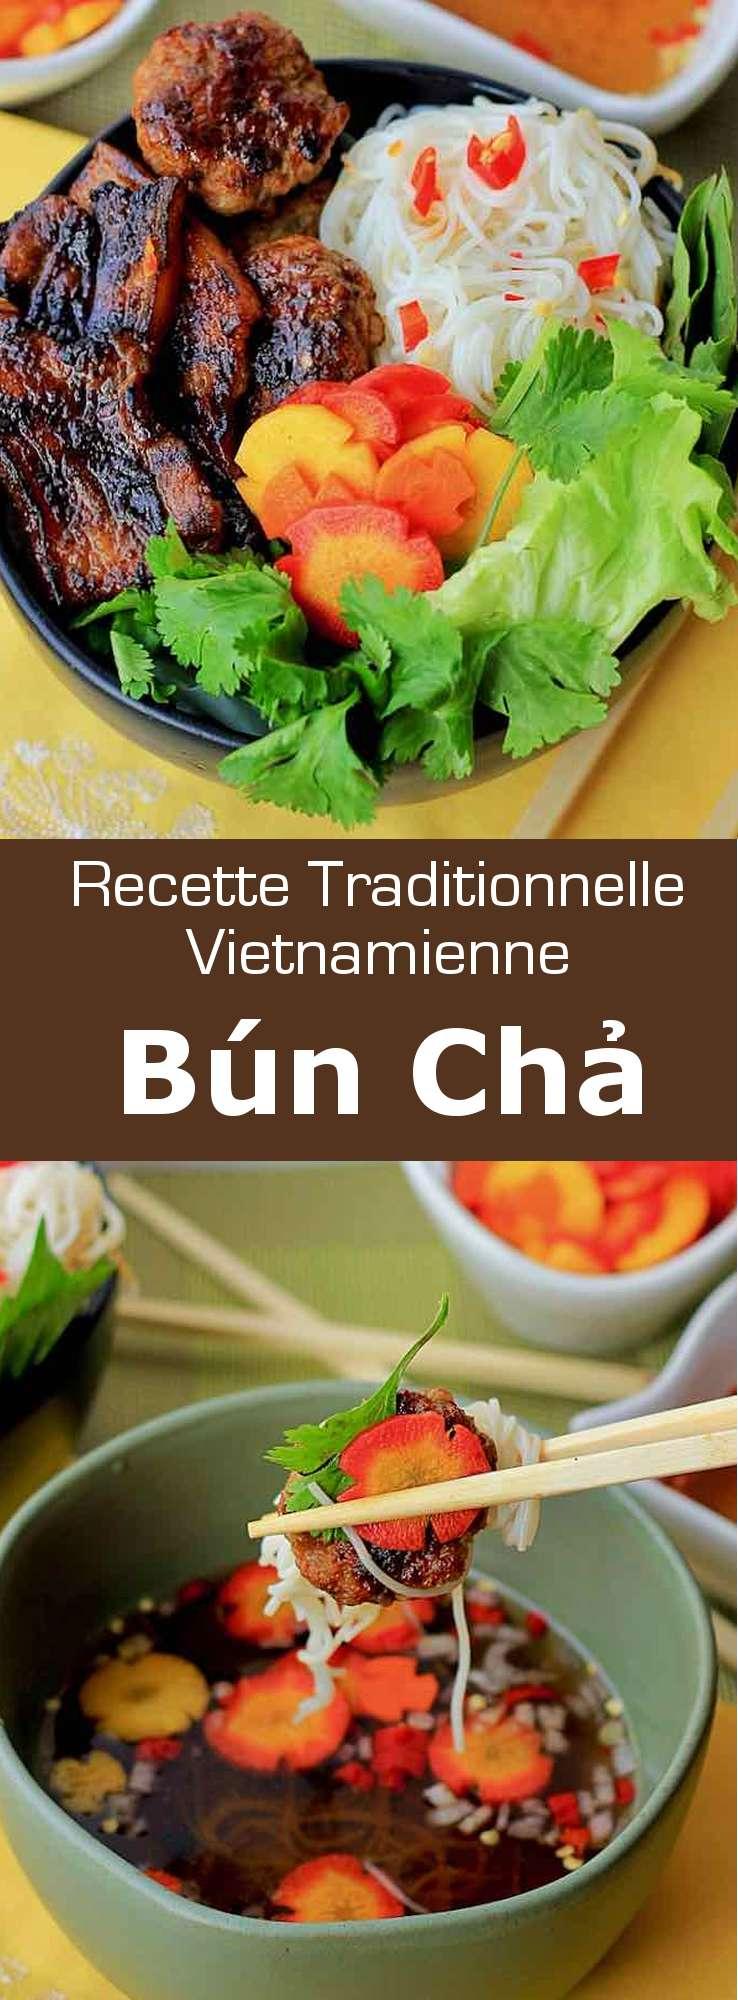 Le bún chả est un délicieux plat vietnamien à base de viande de porc grillée servi sur des vermicelles de riz avec une sauce d'accompagnement. #Vietnam #RecetteVietnamienne #CuisineVietnamienne #CuisineAsiatique #RecetteAsiatique #CuisineDuMonde #196flavors